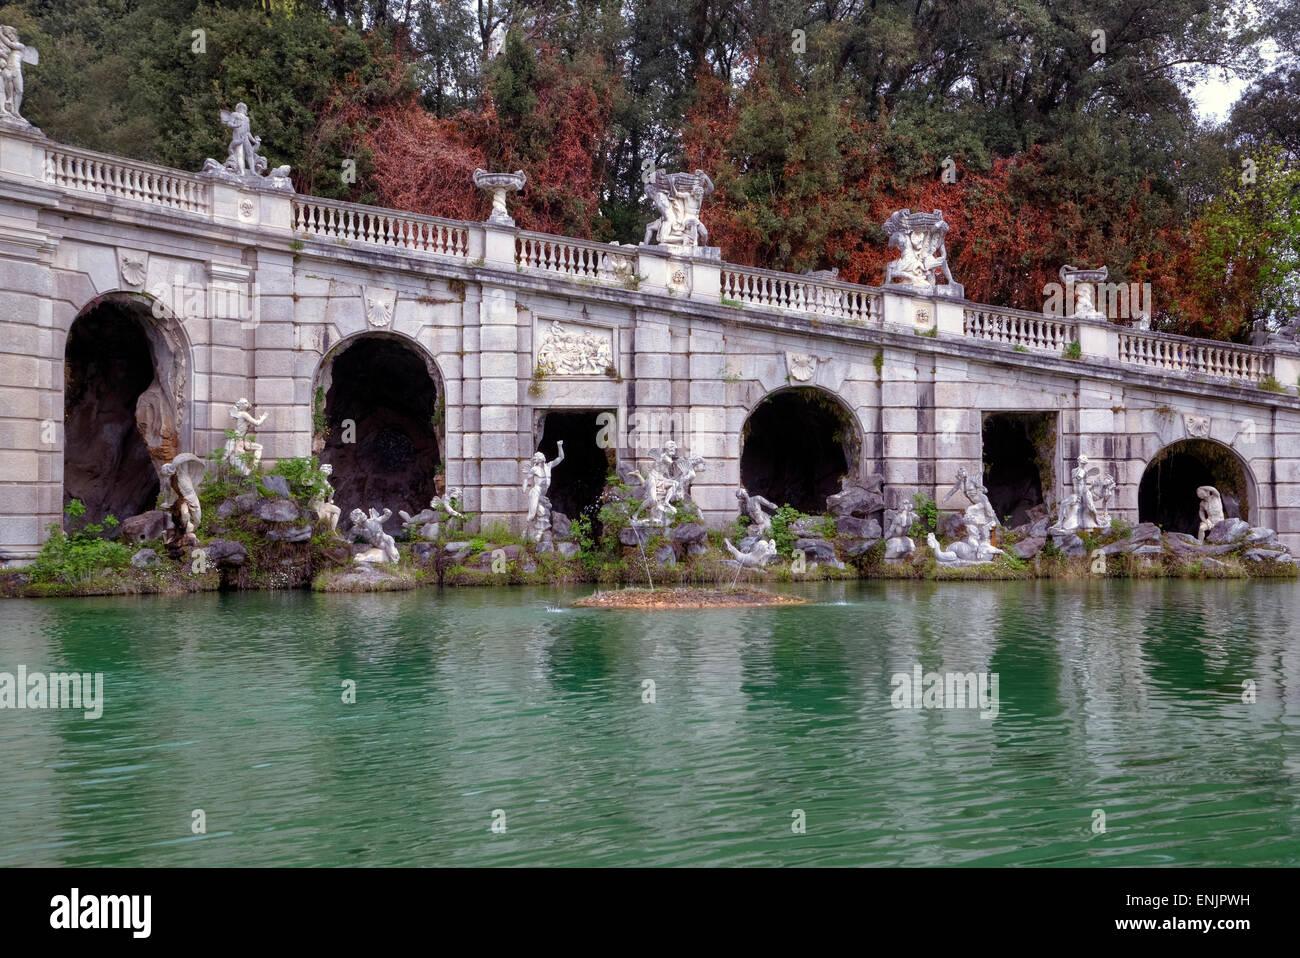 Royal Palace of Caserta, Caserta, Campania, Italy Stock Photo